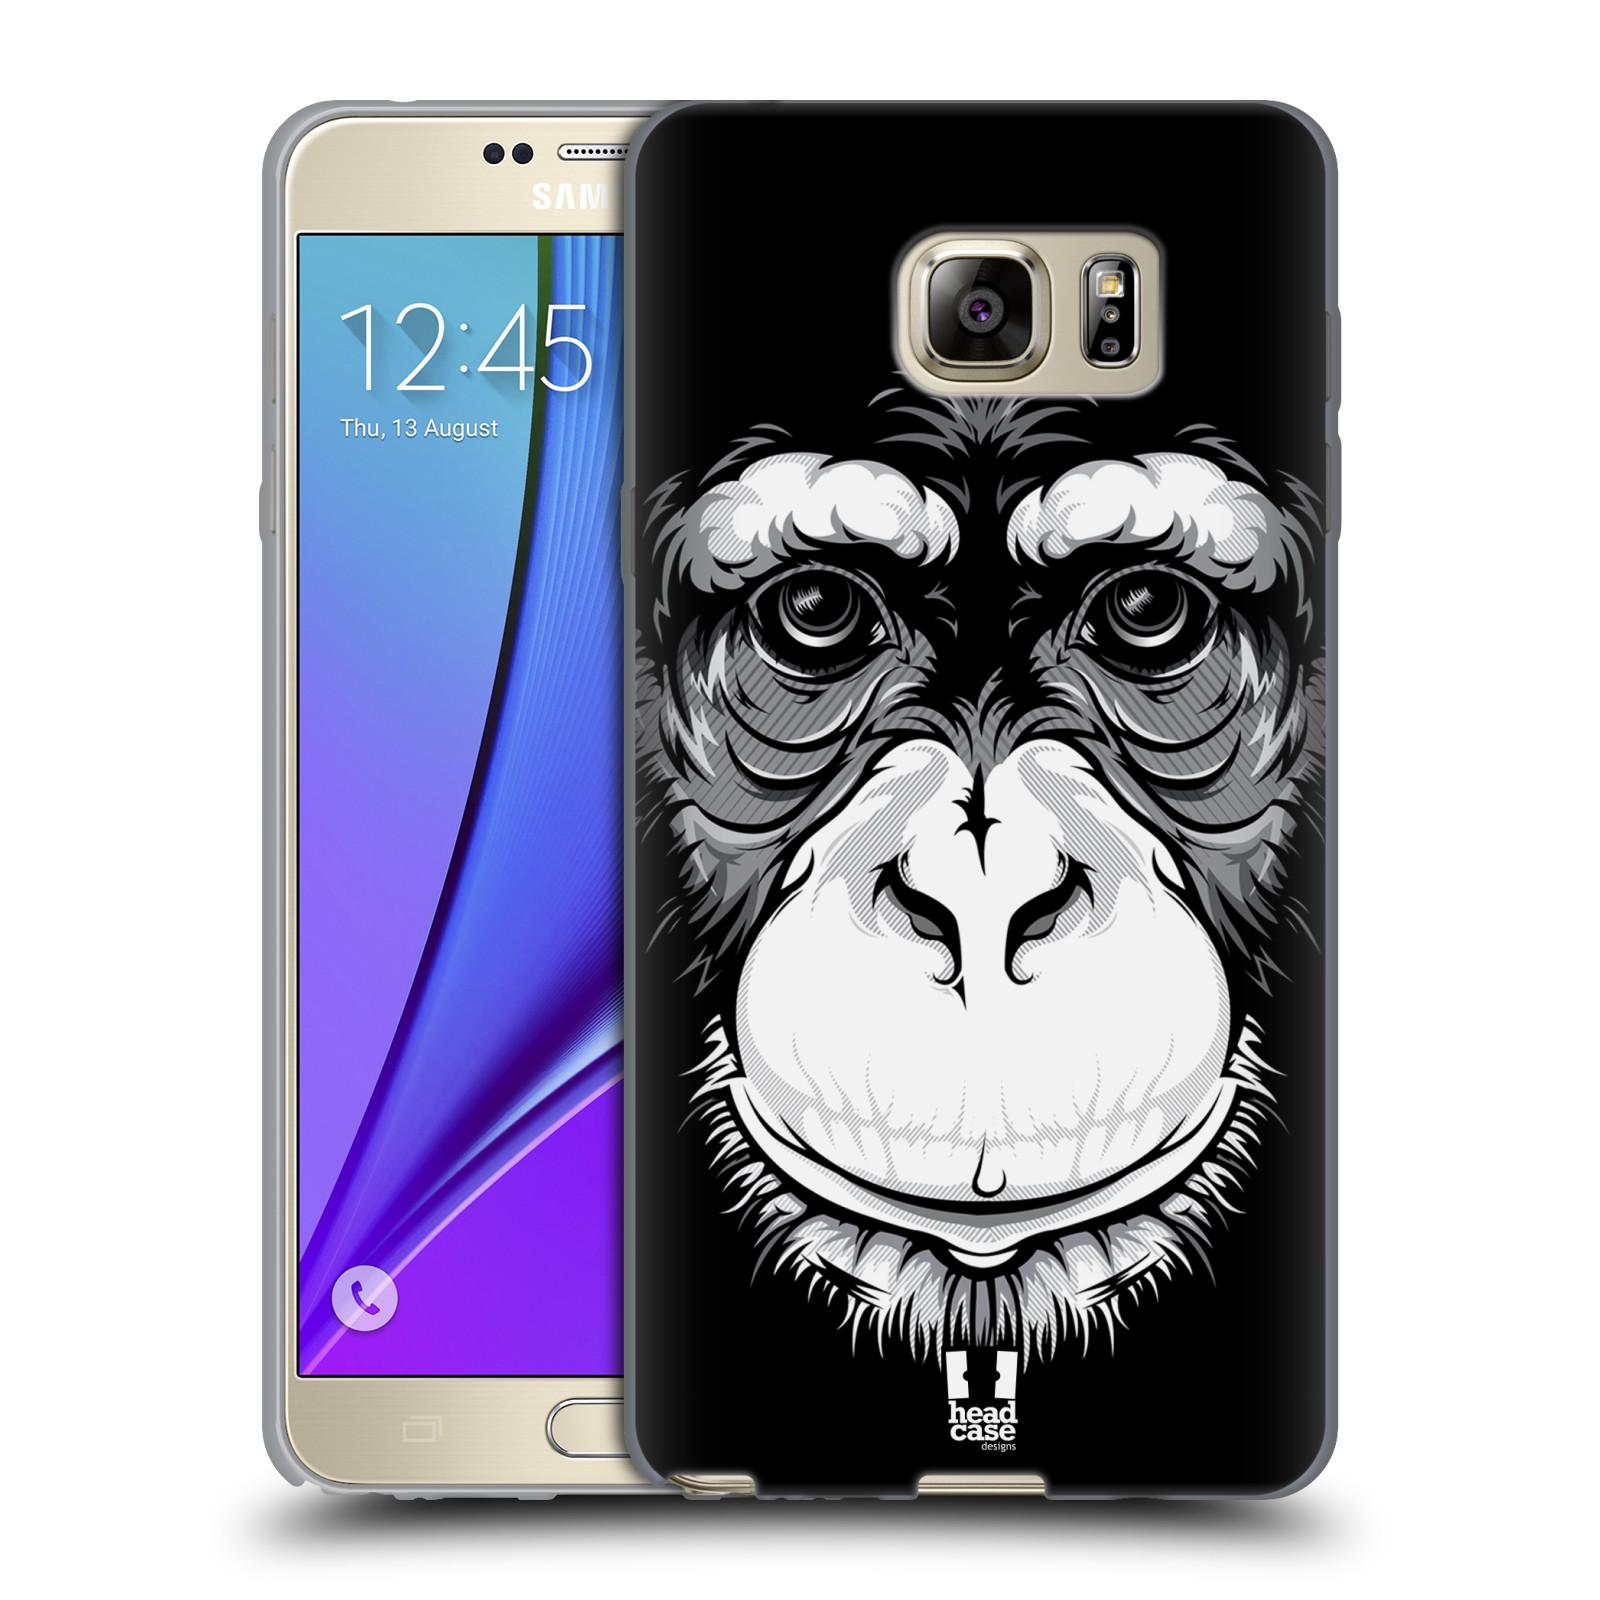 HEAD CASE silikonový obal na mobil Samsung Galaxy Note 5 (N920) vzor Zvíře kreslená tvář šimpanz